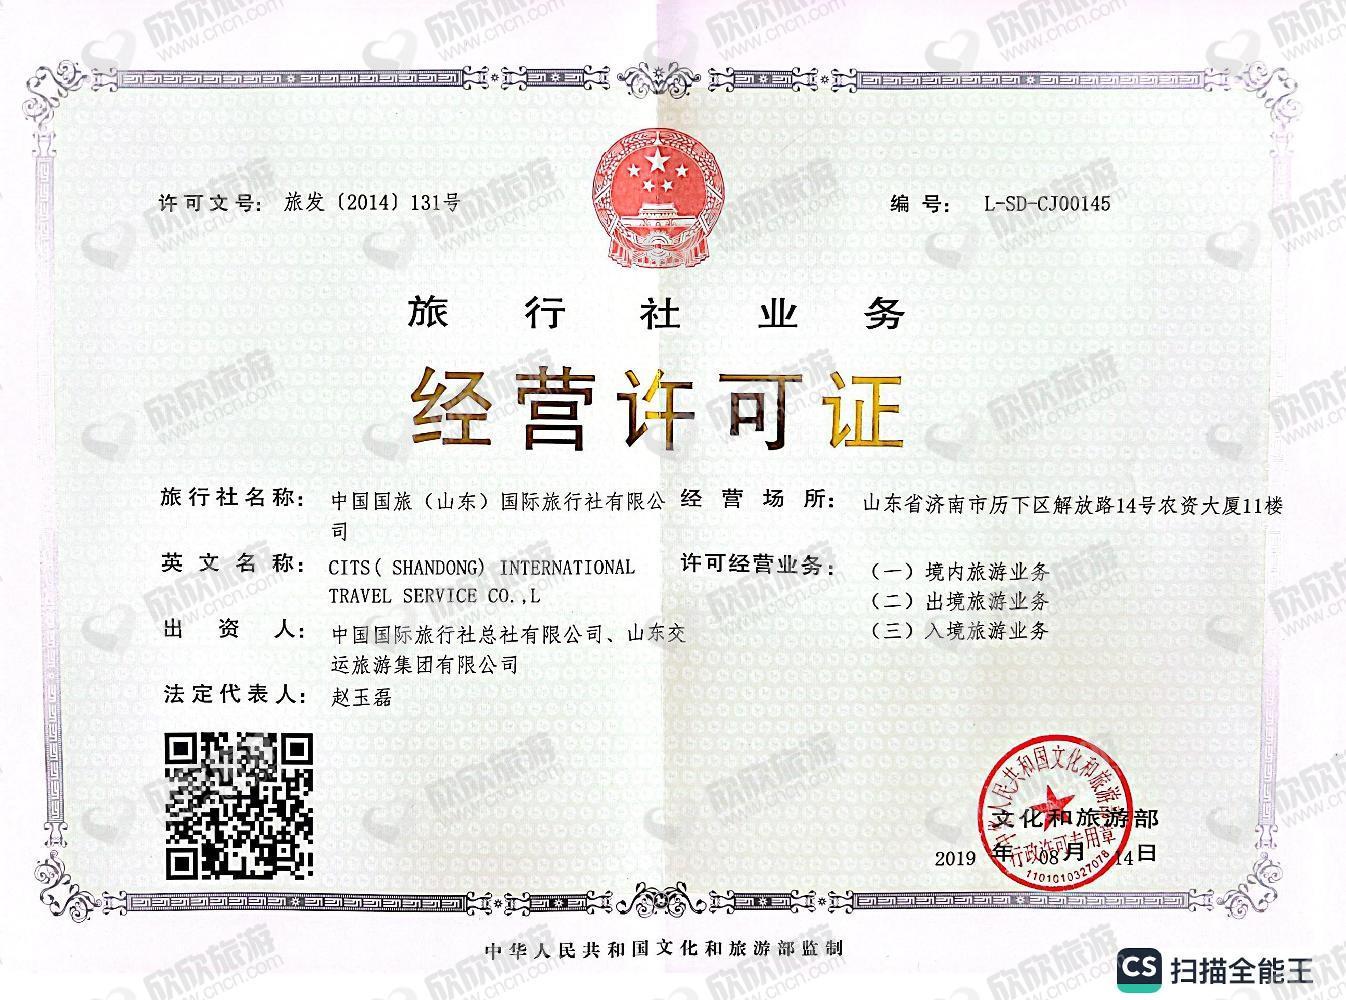 中国国旅(山东)国际旅行社有限公司经营许可证